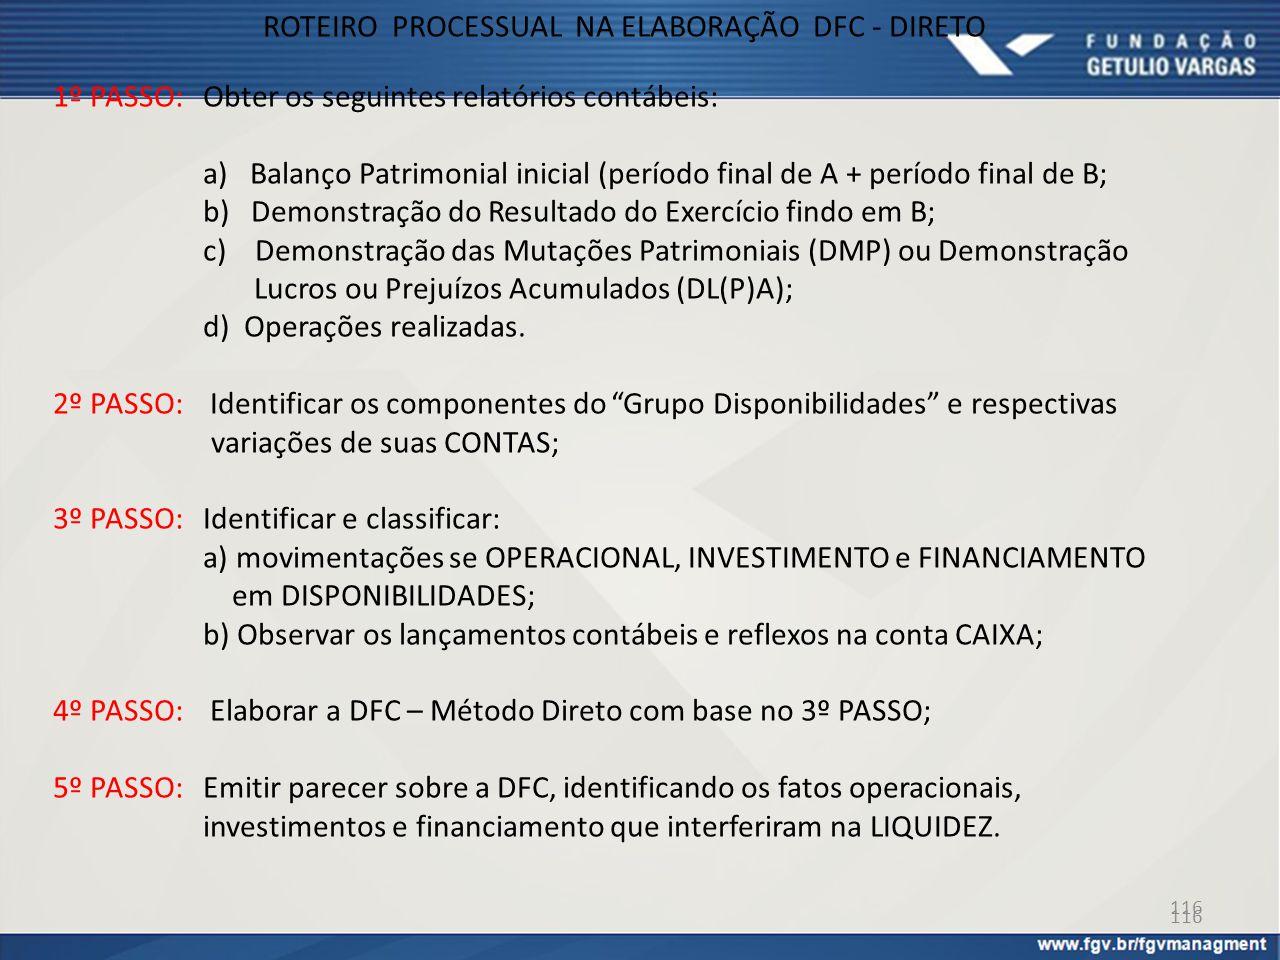 116 ROTEIRO PROCESSUAL NA ELABORAÇÃO DFC - DIRETO 1º PASSO: Obter os seguintes relatórios contábeis: a) Balanço Patrimonial inicial (período final de